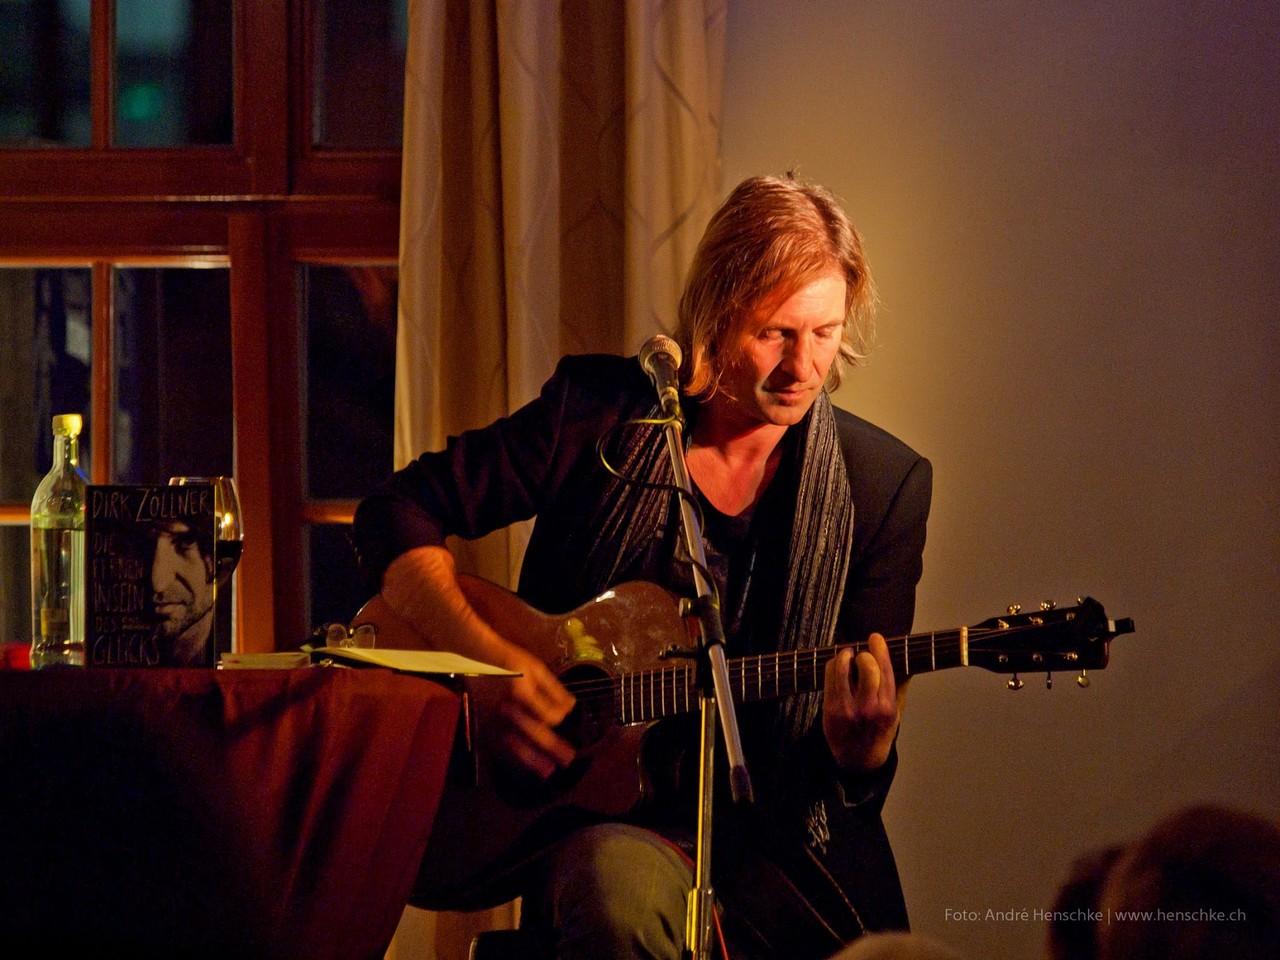 Dirk Zöllner und neben seiner Stimme sein zweites Werkzeug